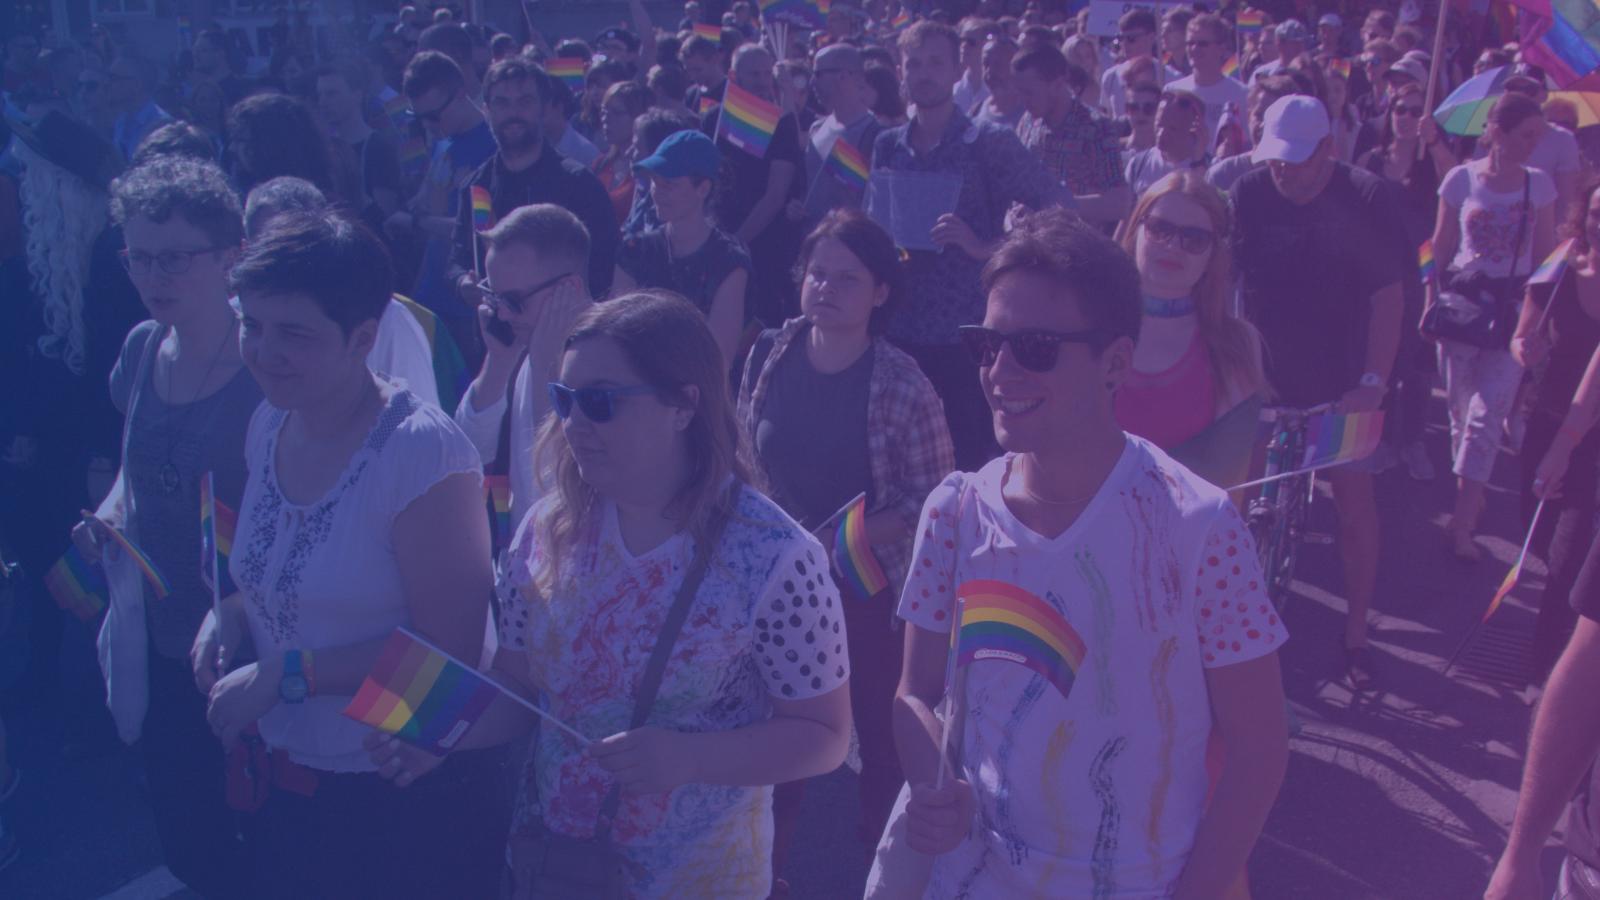 Ponad połowa Polaków za formalizacją związków tej samej płci. Sondaż OKO.press